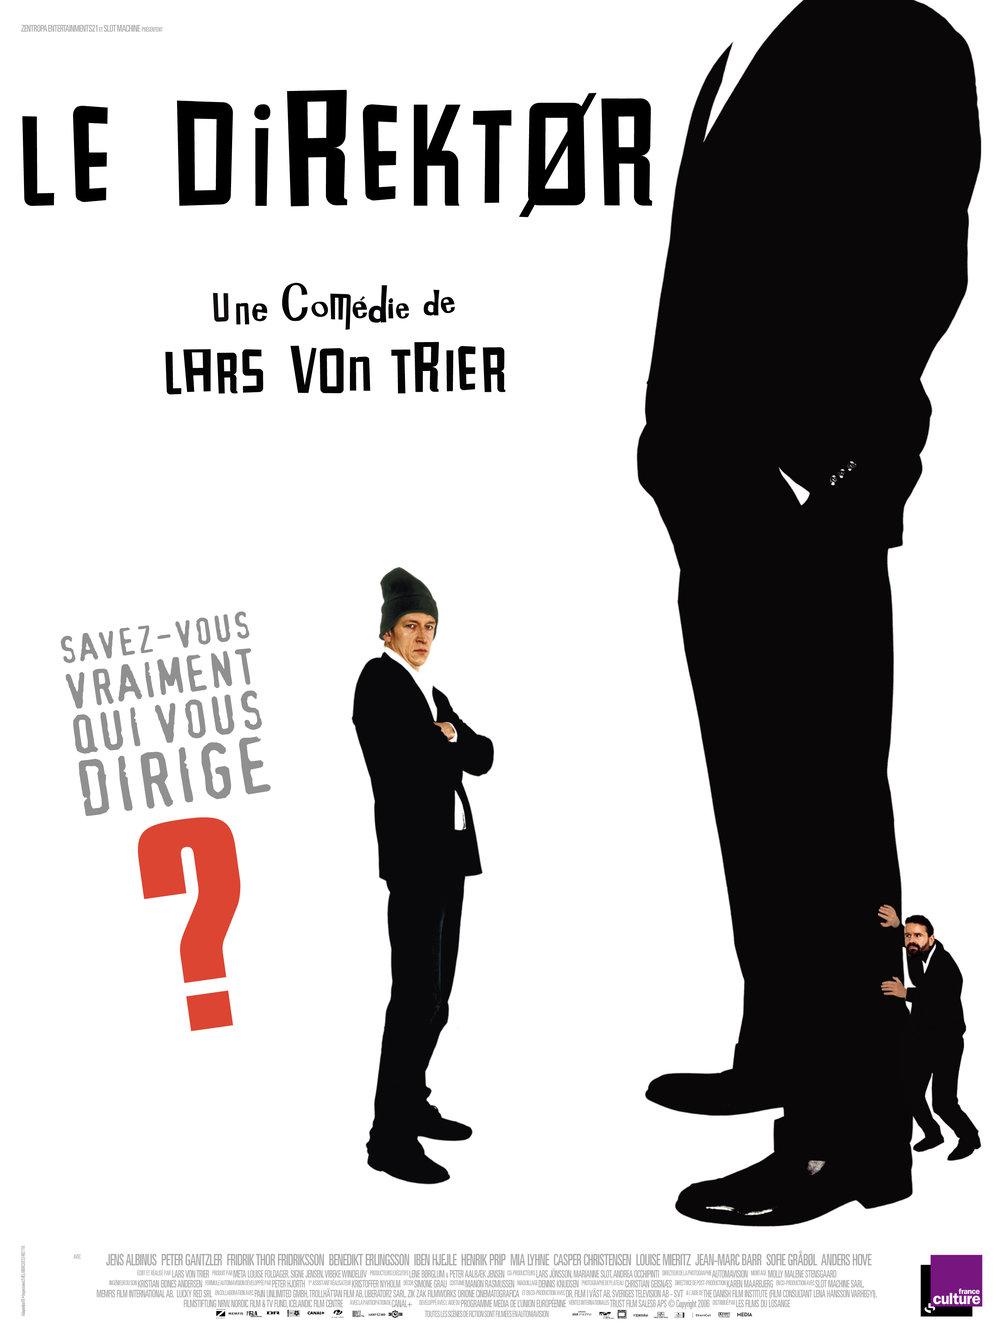 Le Direktor  by  Lars Von Trier